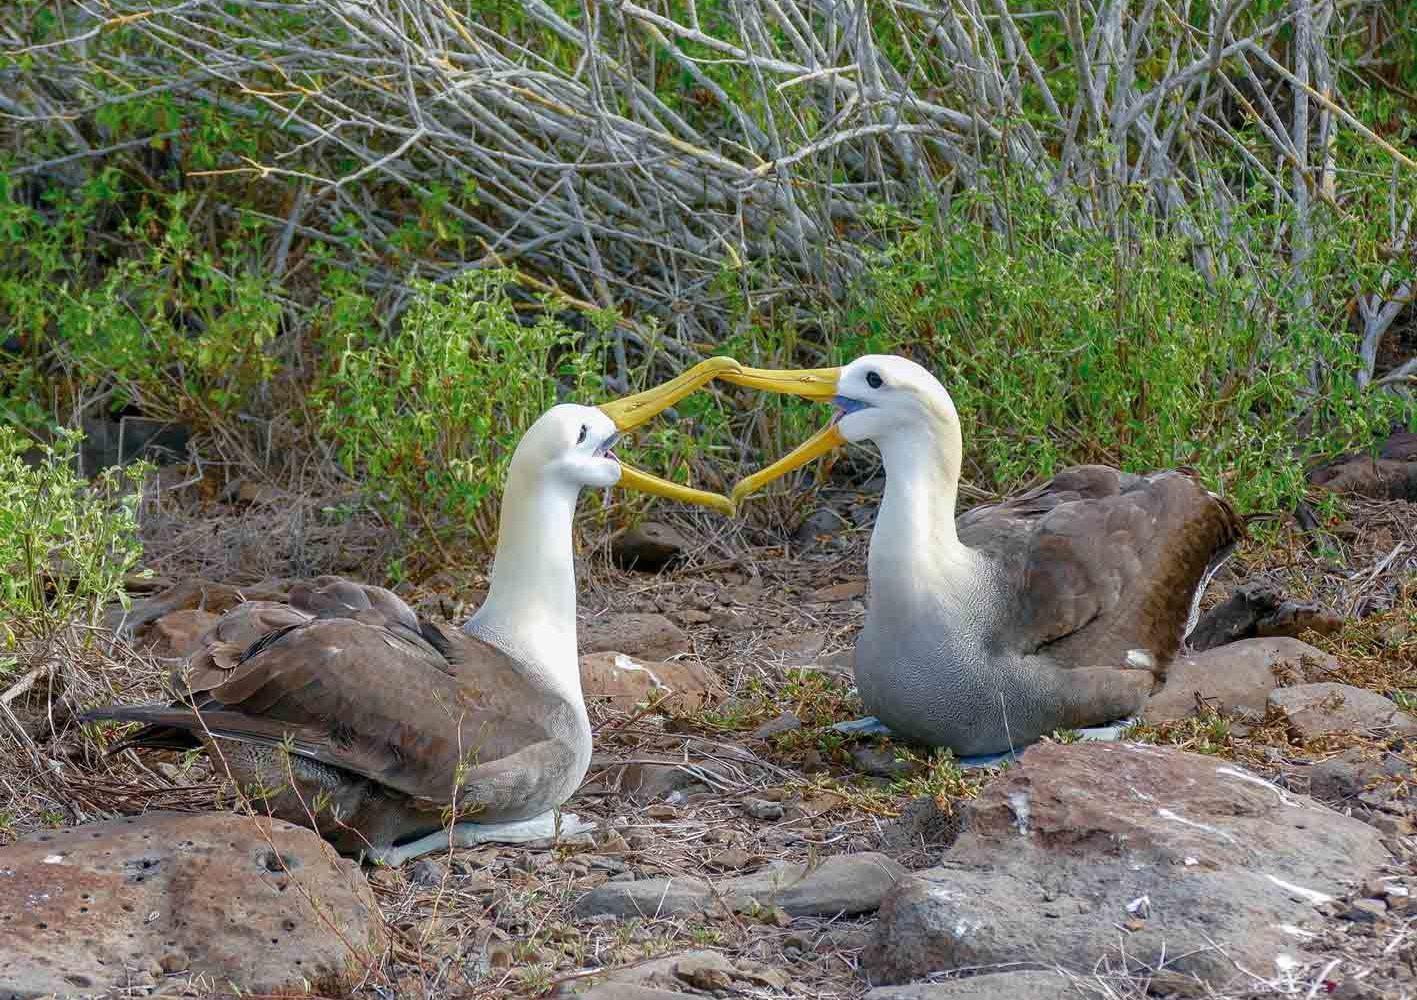 Albatrosse können auf der Insel Española zwischen April und Oktober beobachtet werden.